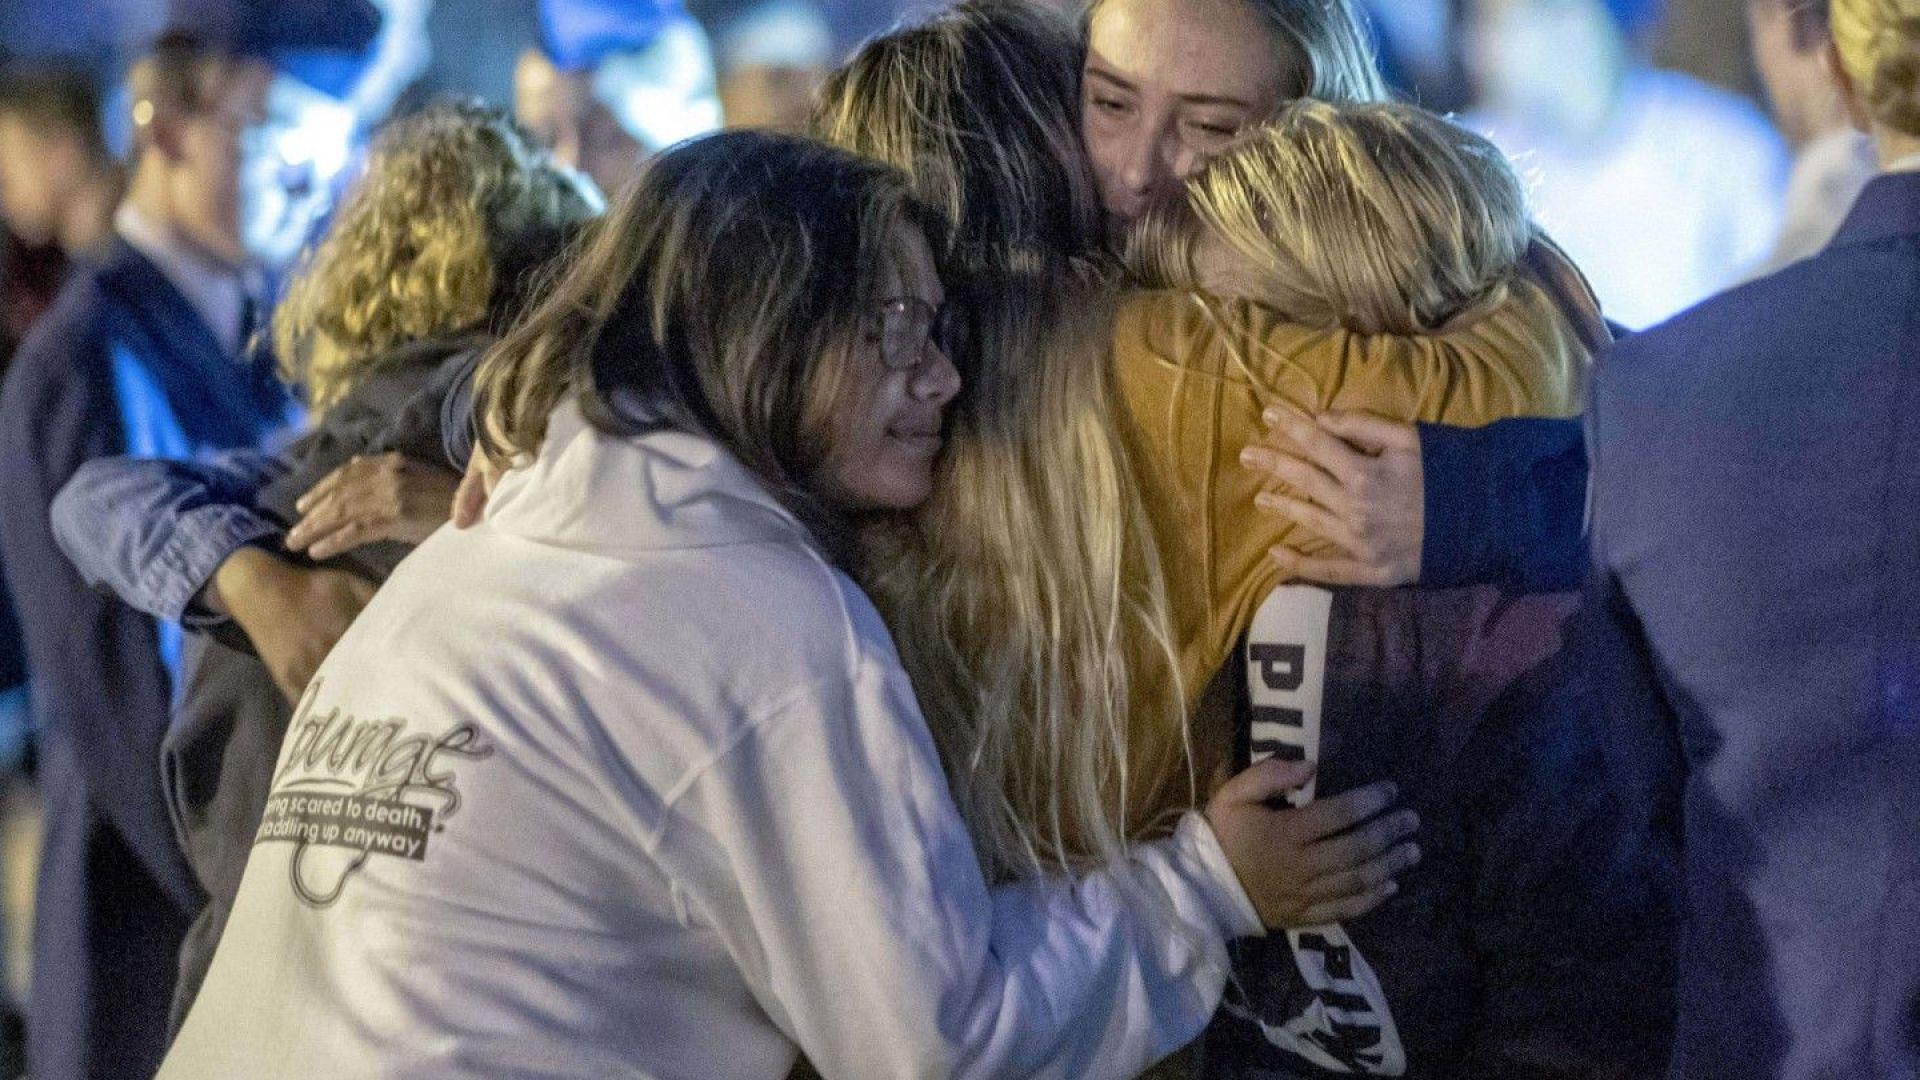 16-годишният нападател от кaлифорнийската гимназия имал рожден ден в деня на стрелбата